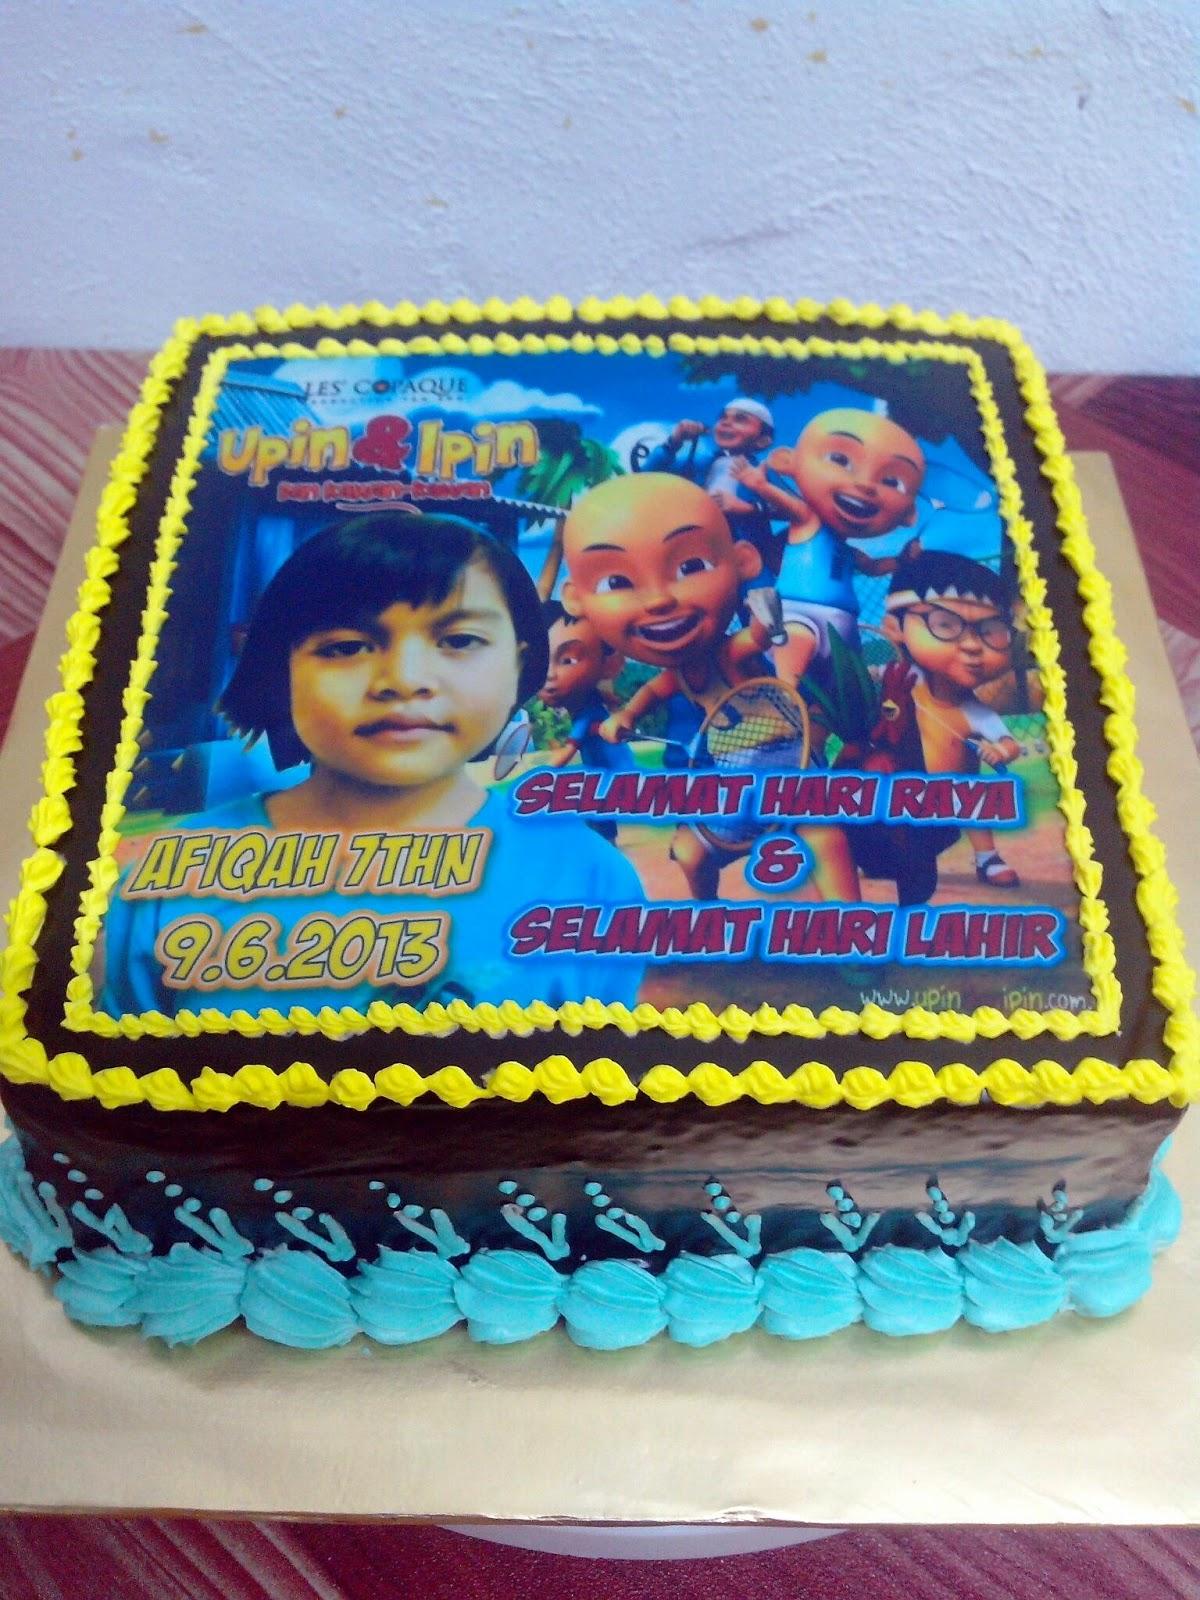 Chocolate Moist Cake Edibe Image Upin dan Ipin Birthday Cake Kek